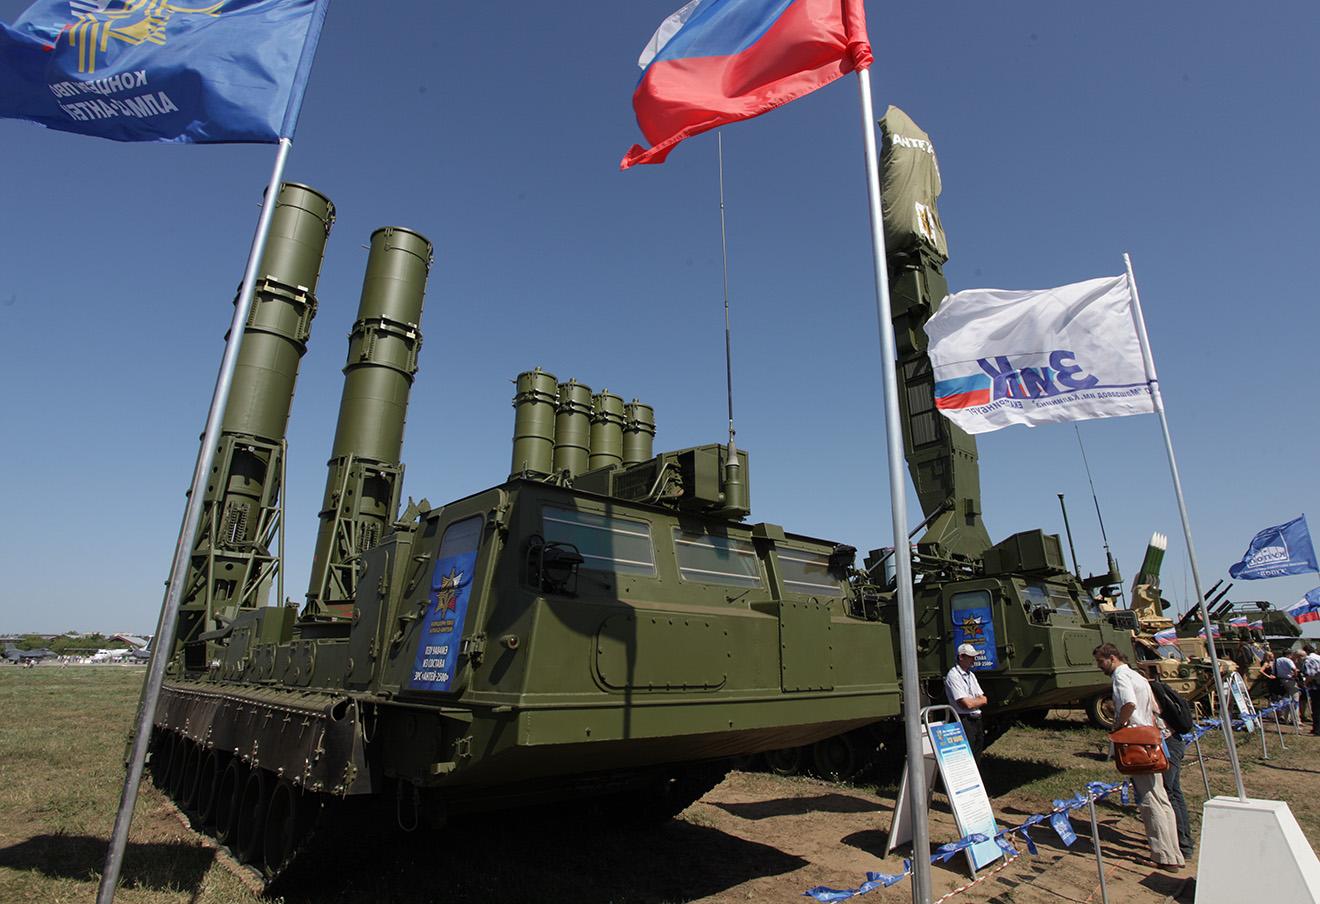 Комплекс ПВО С-300 «Антей-2500». Фото: Марина Лысцева / ТАСС